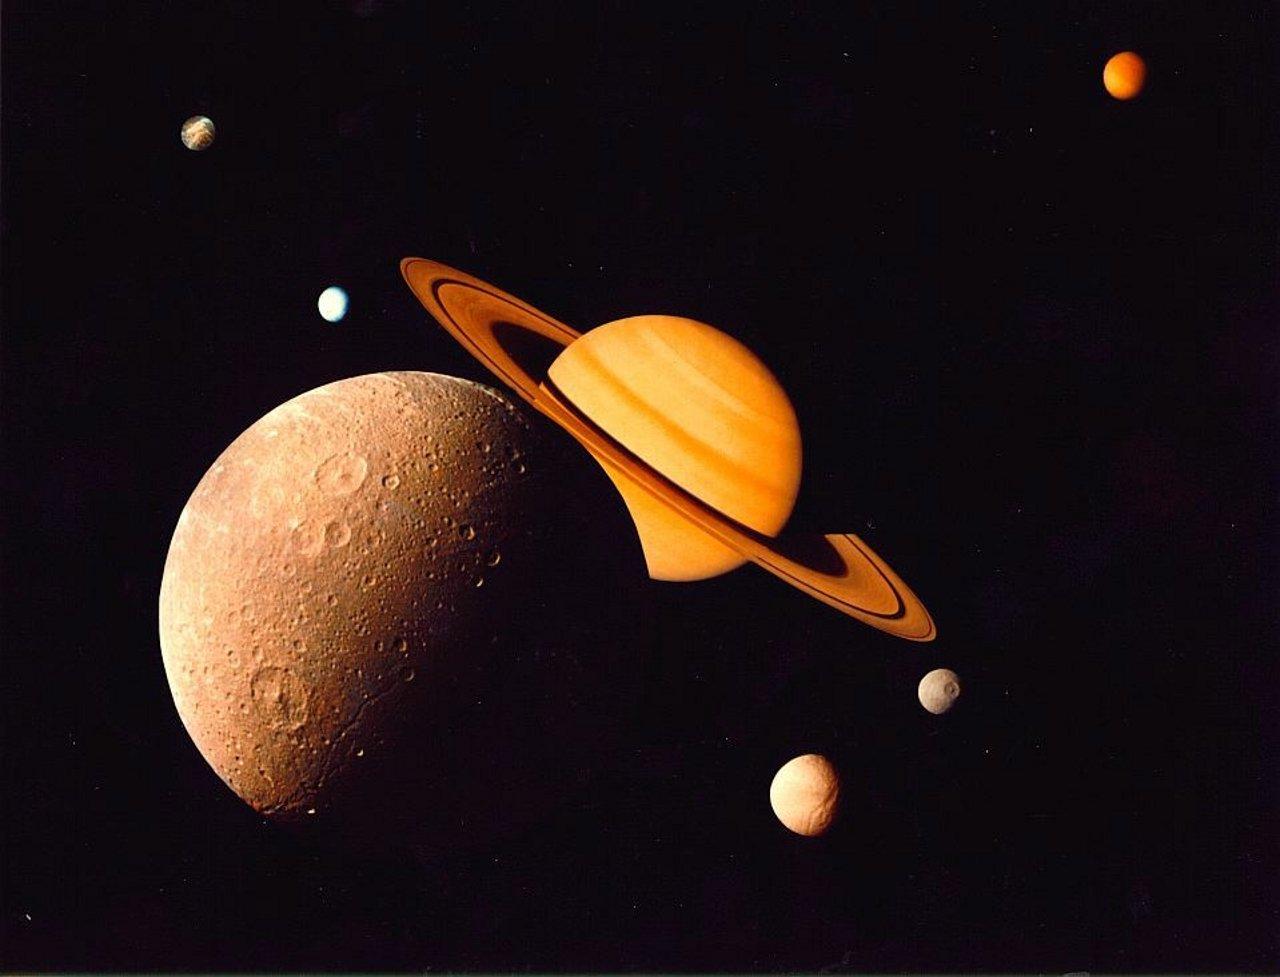 La planète Saturne et ses lunes